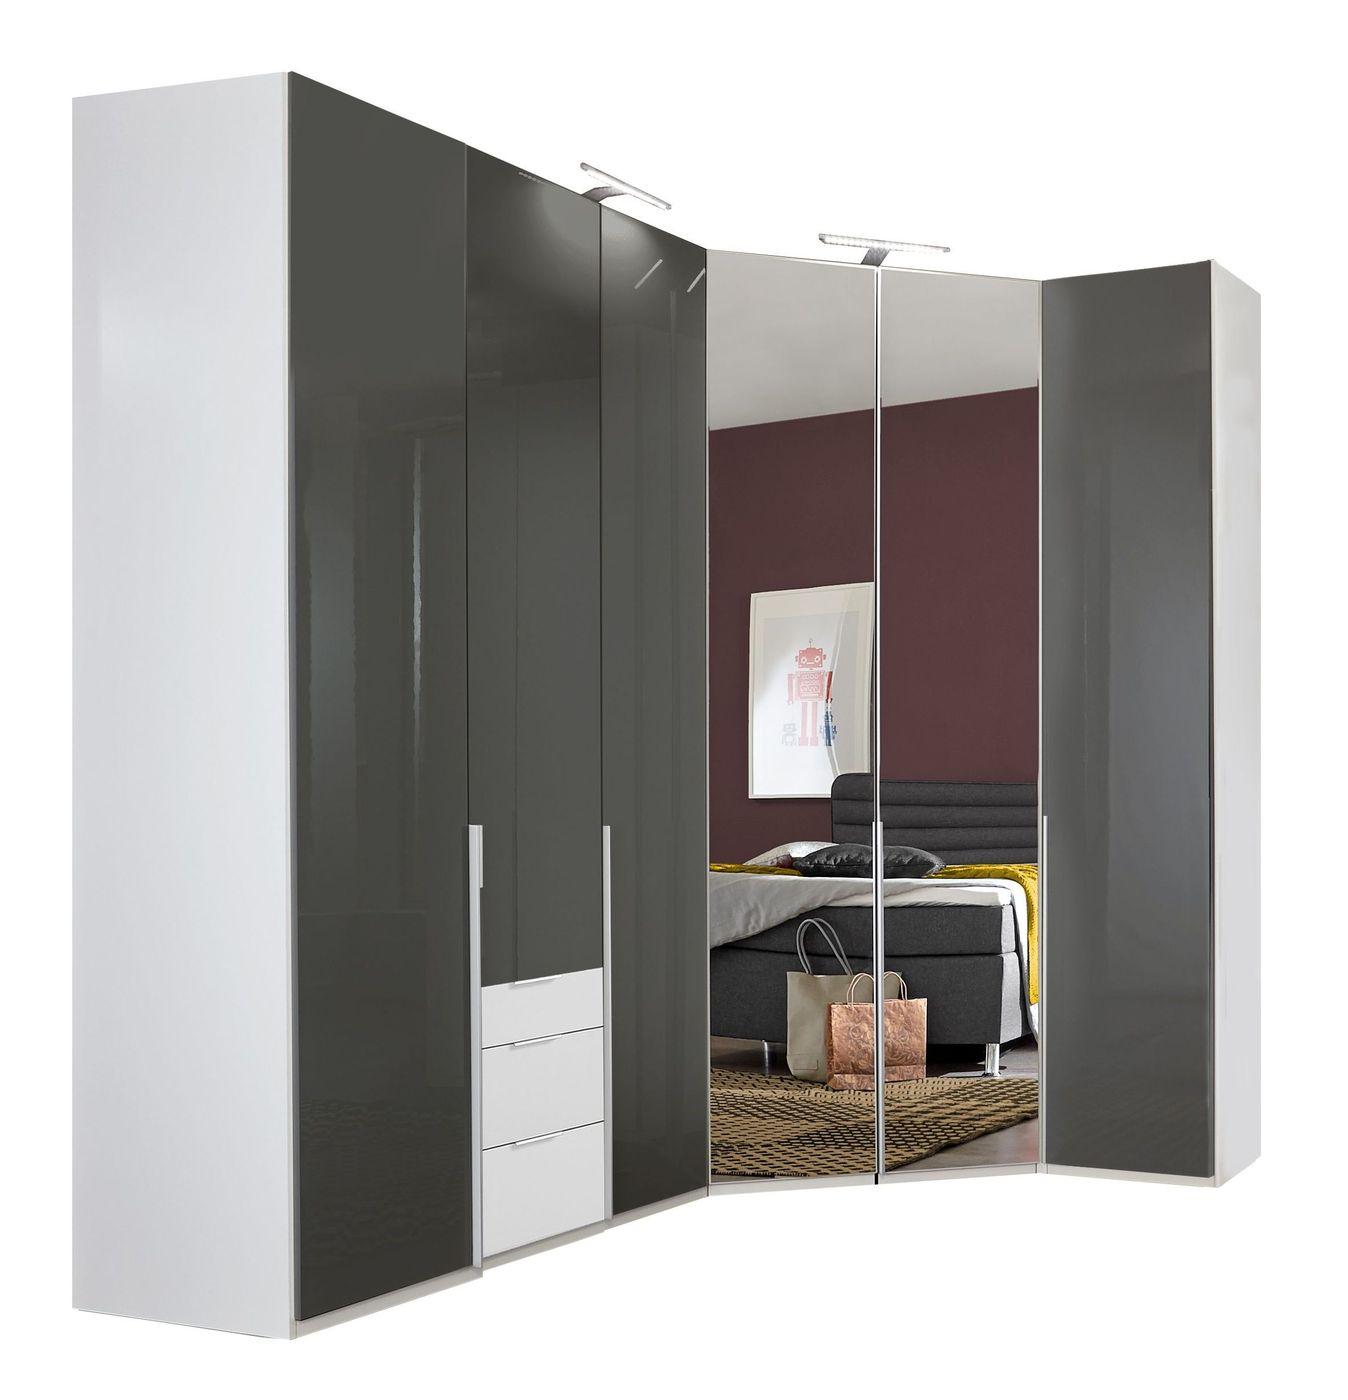 eck kleiderschrank zweifarbig mit glas spiegelt ren. Black Bedroom Furniture Sets. Home Design Ideas